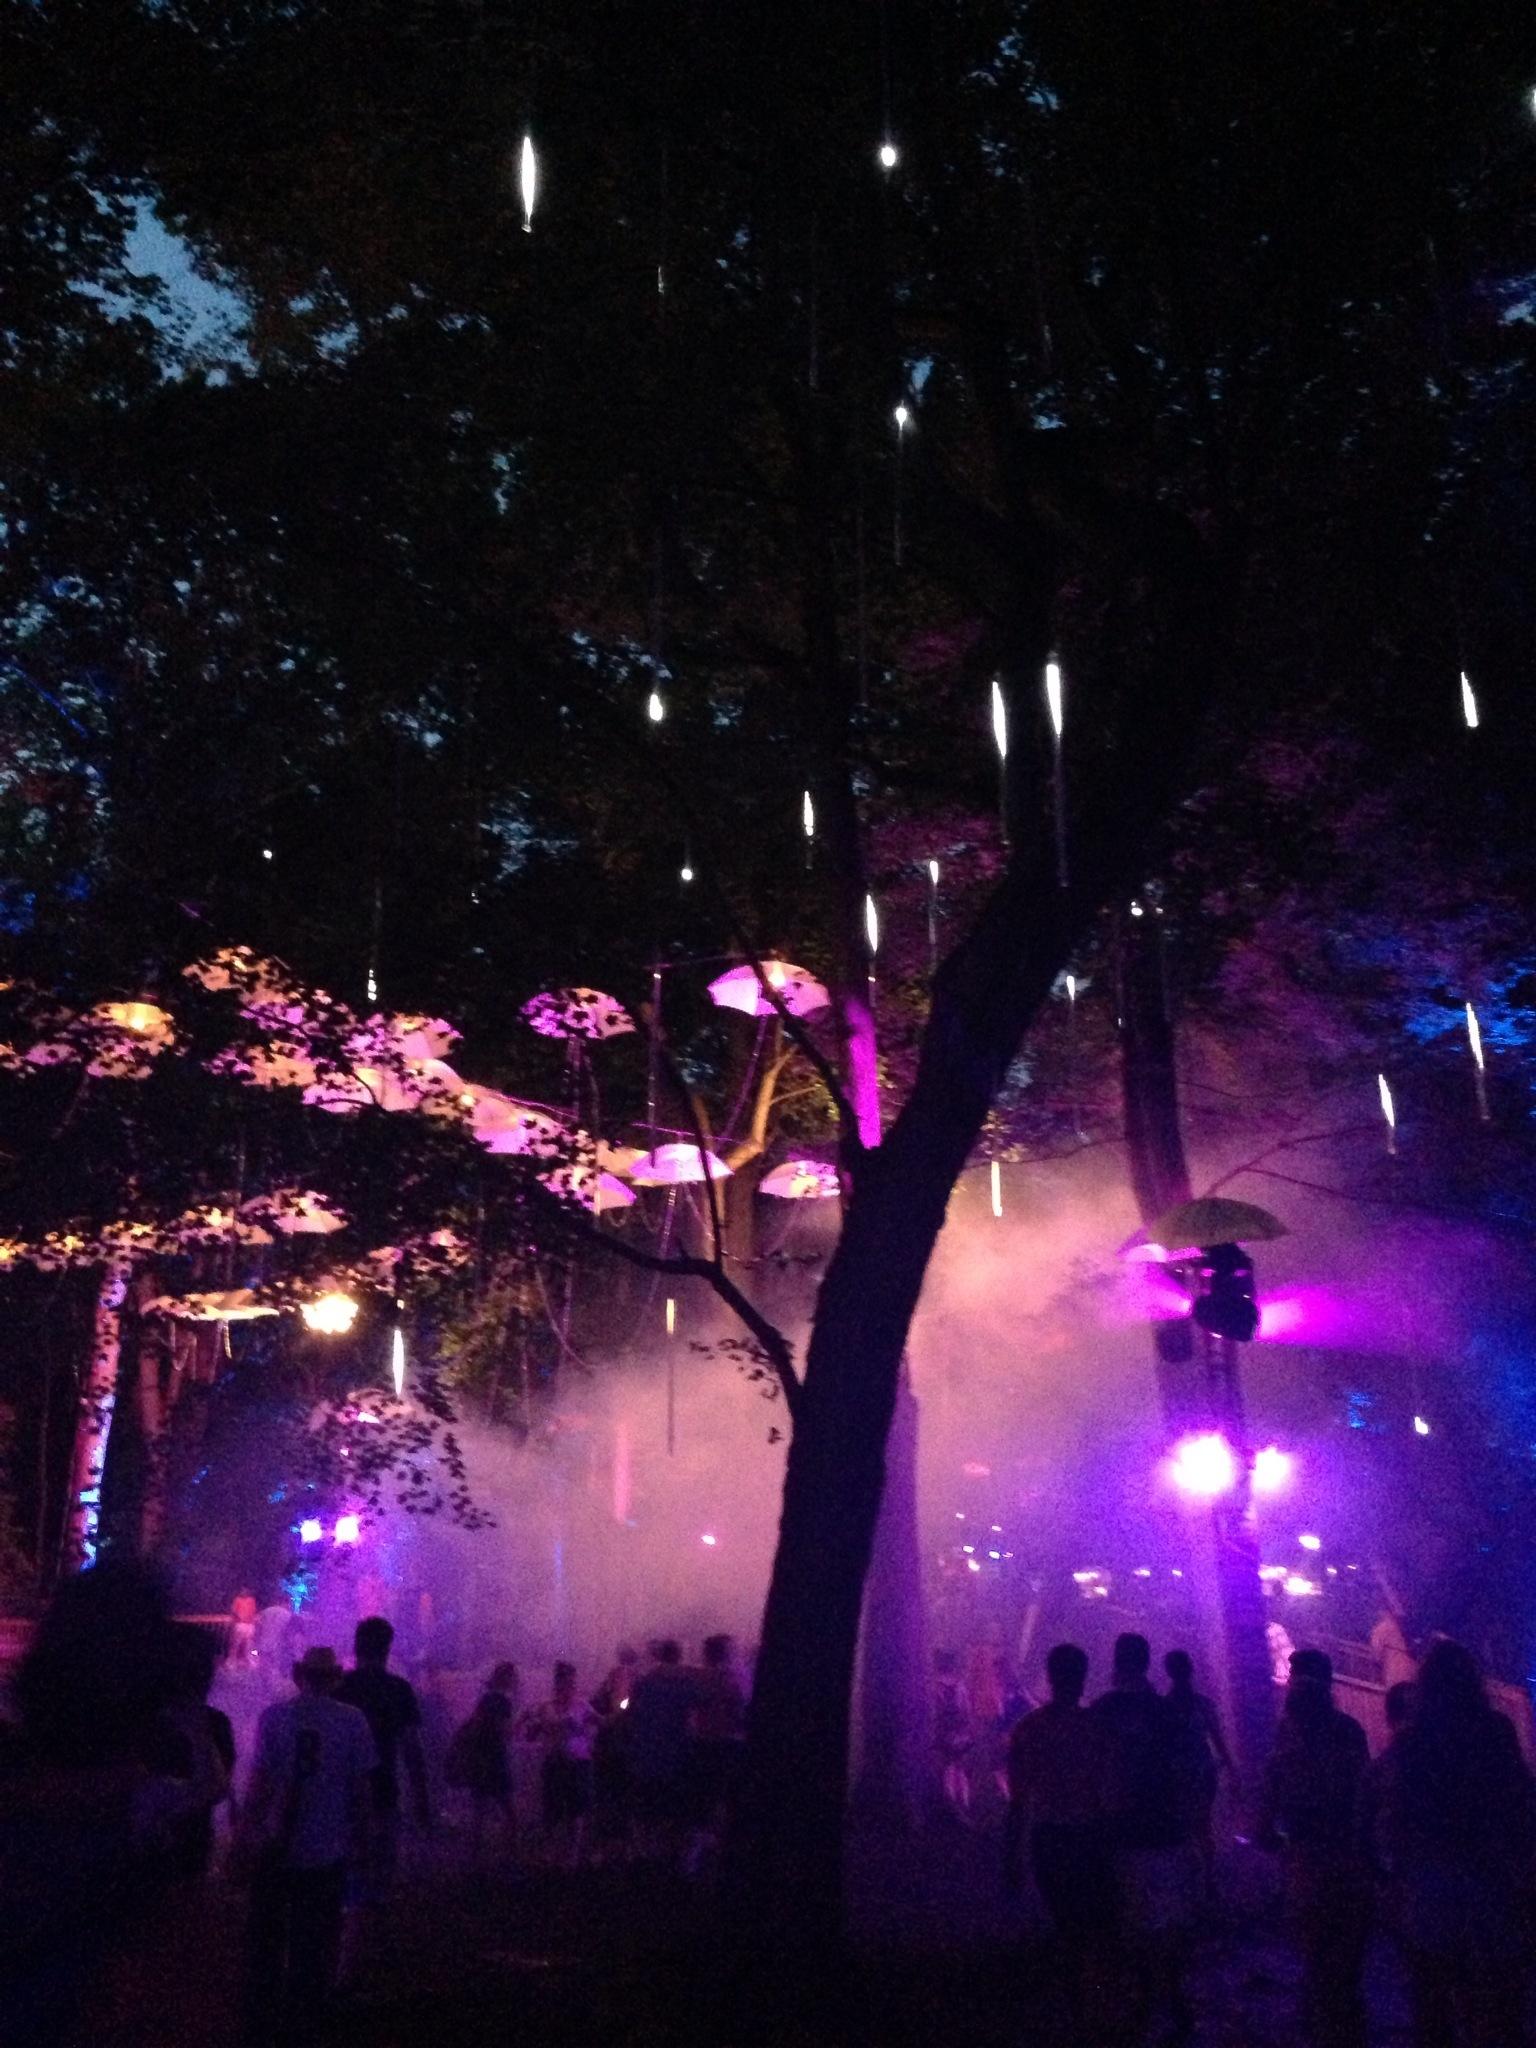 Firefly Festival, Delaware